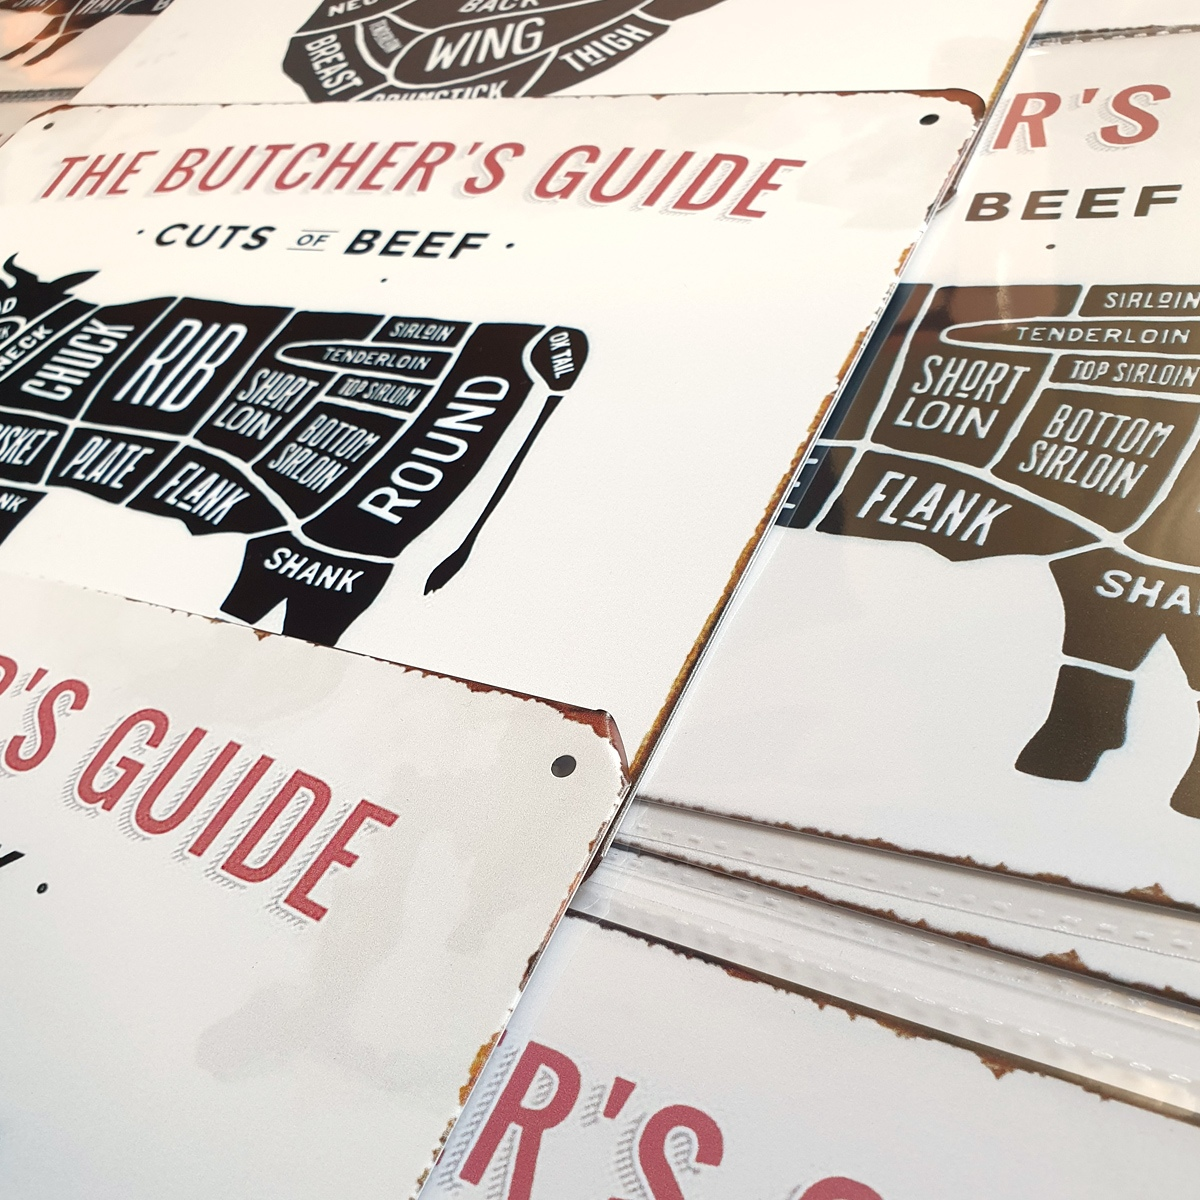 bbq slagersgids butcher's guide rund varken kip 20x30 metaal